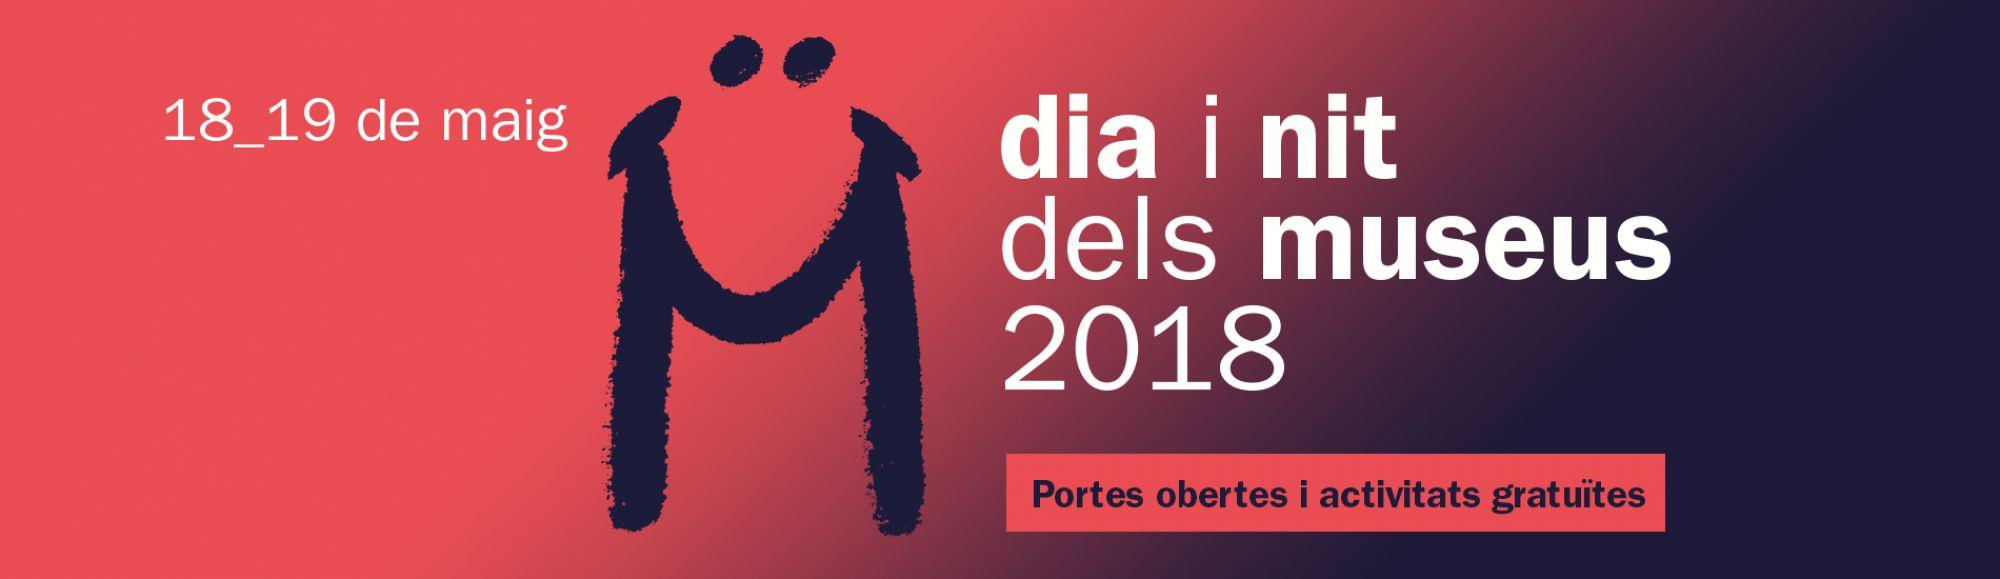 Dia i nit dels museus 2018